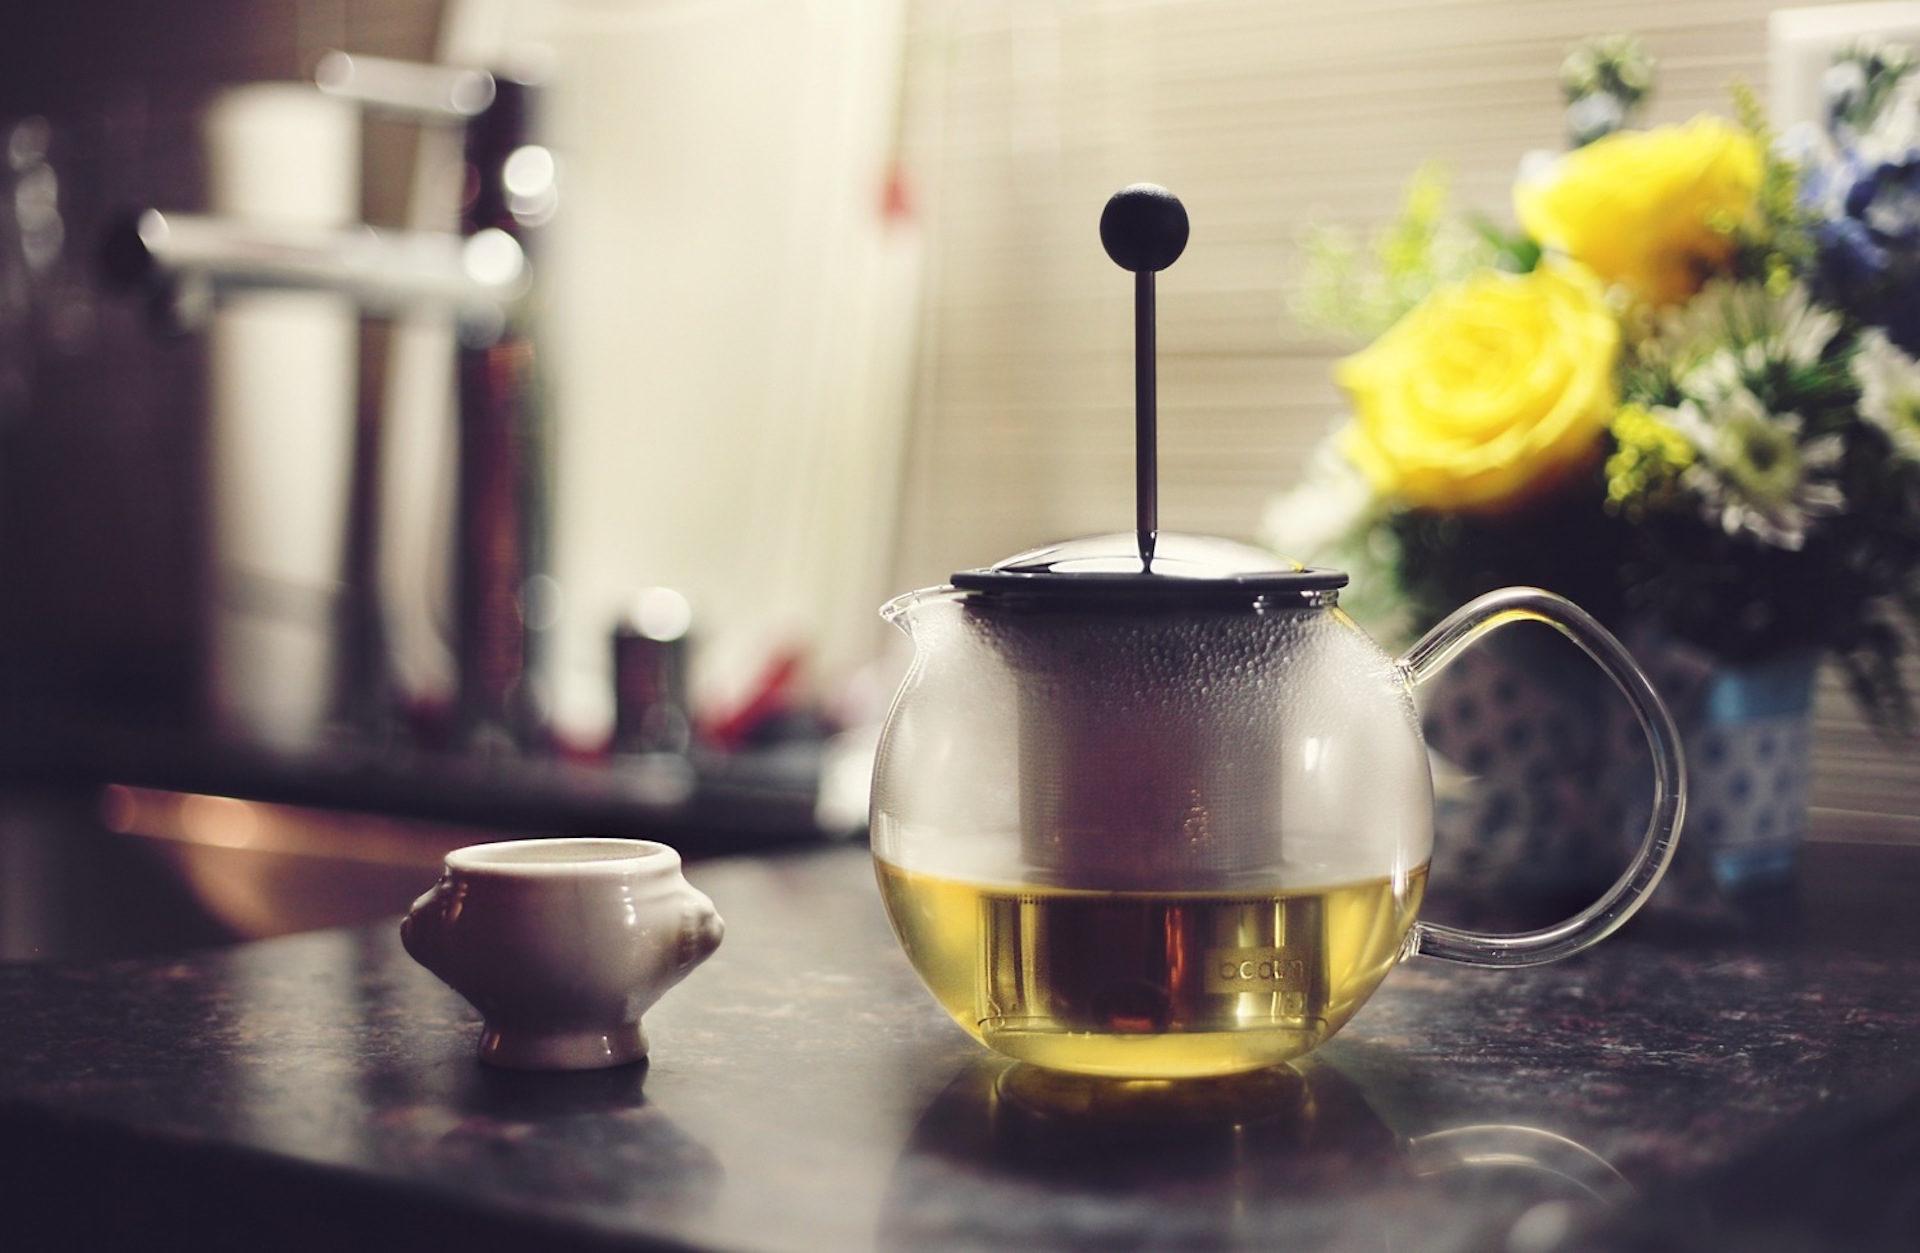 tetera, thé, boisson, perfusion, fleurs - Fonds d'écran HD - Professor-falken.com